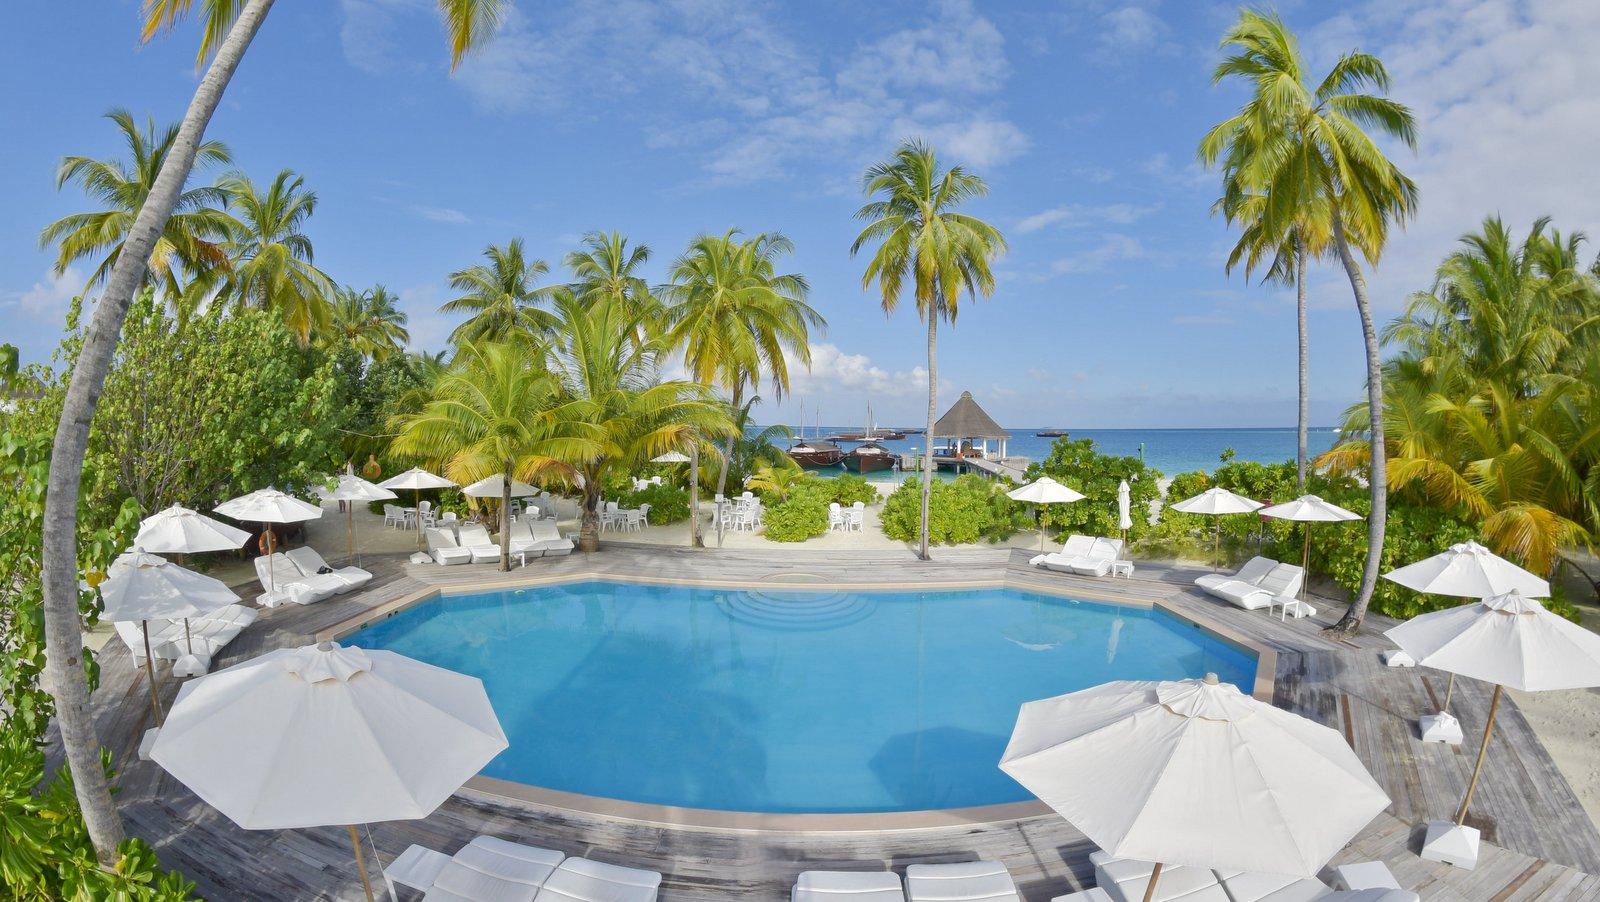 Мальдивы, отель Safari Island Resort & Spa, бассейн